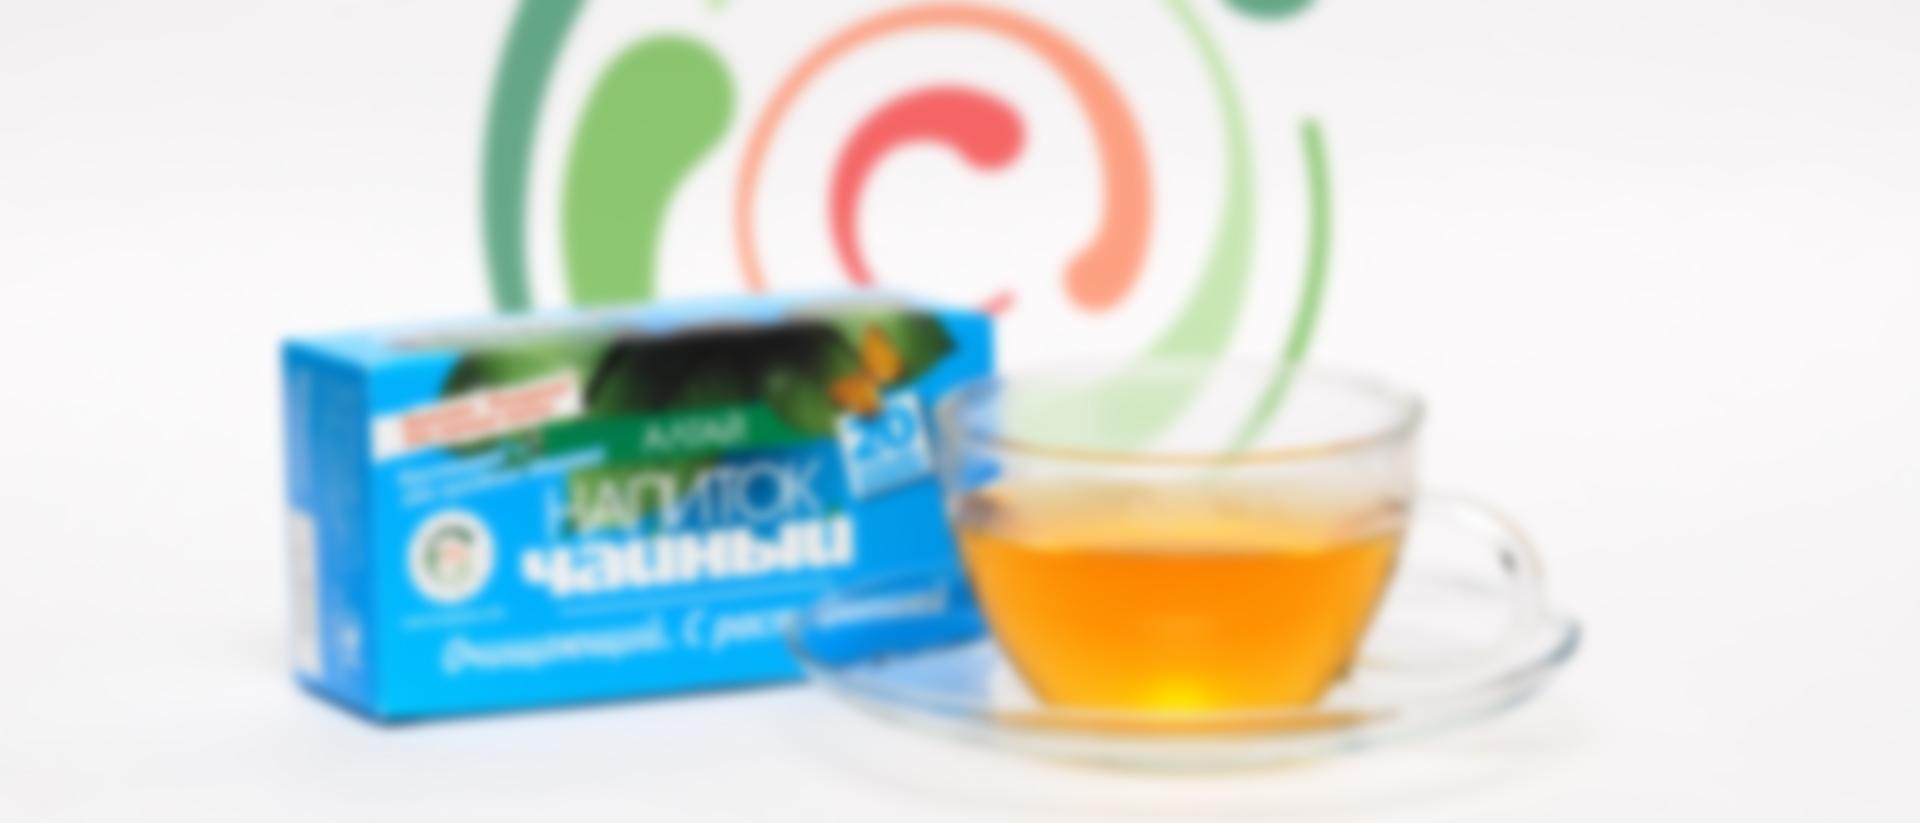 Картинка для слайдера напиток очищающий с расторопшей